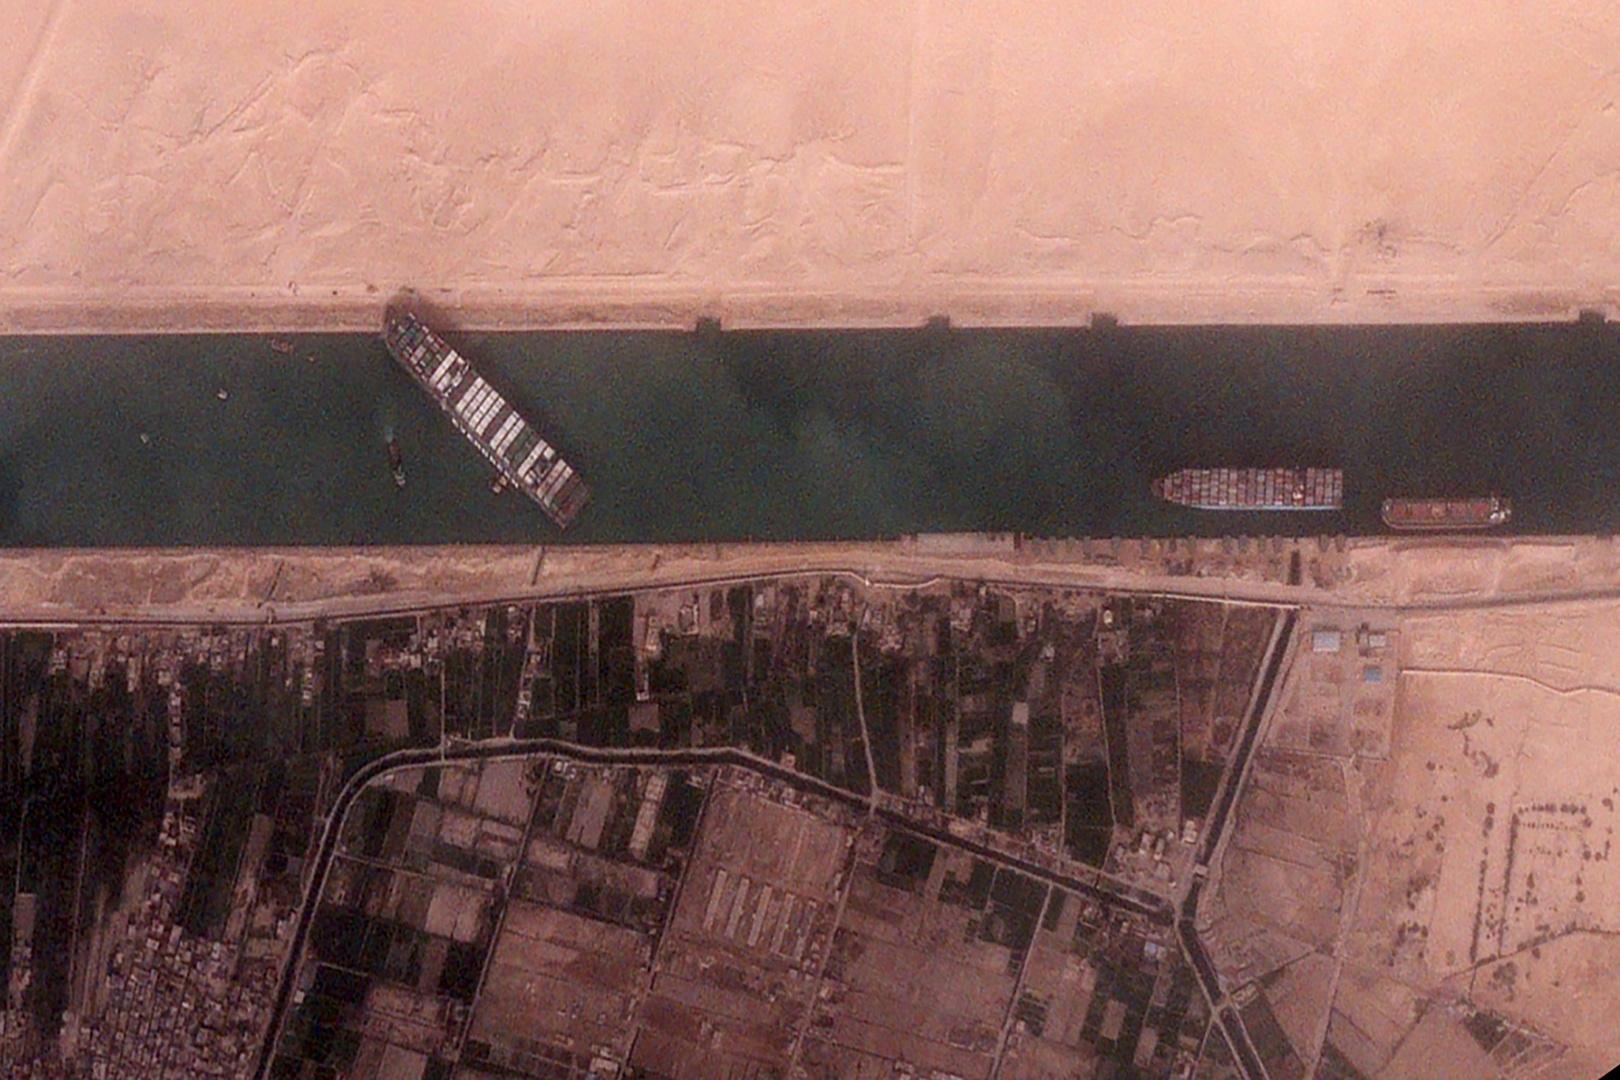 صورة عبر الأقمار الصناعية للسفينة العالقة بقناة السويس المصرية